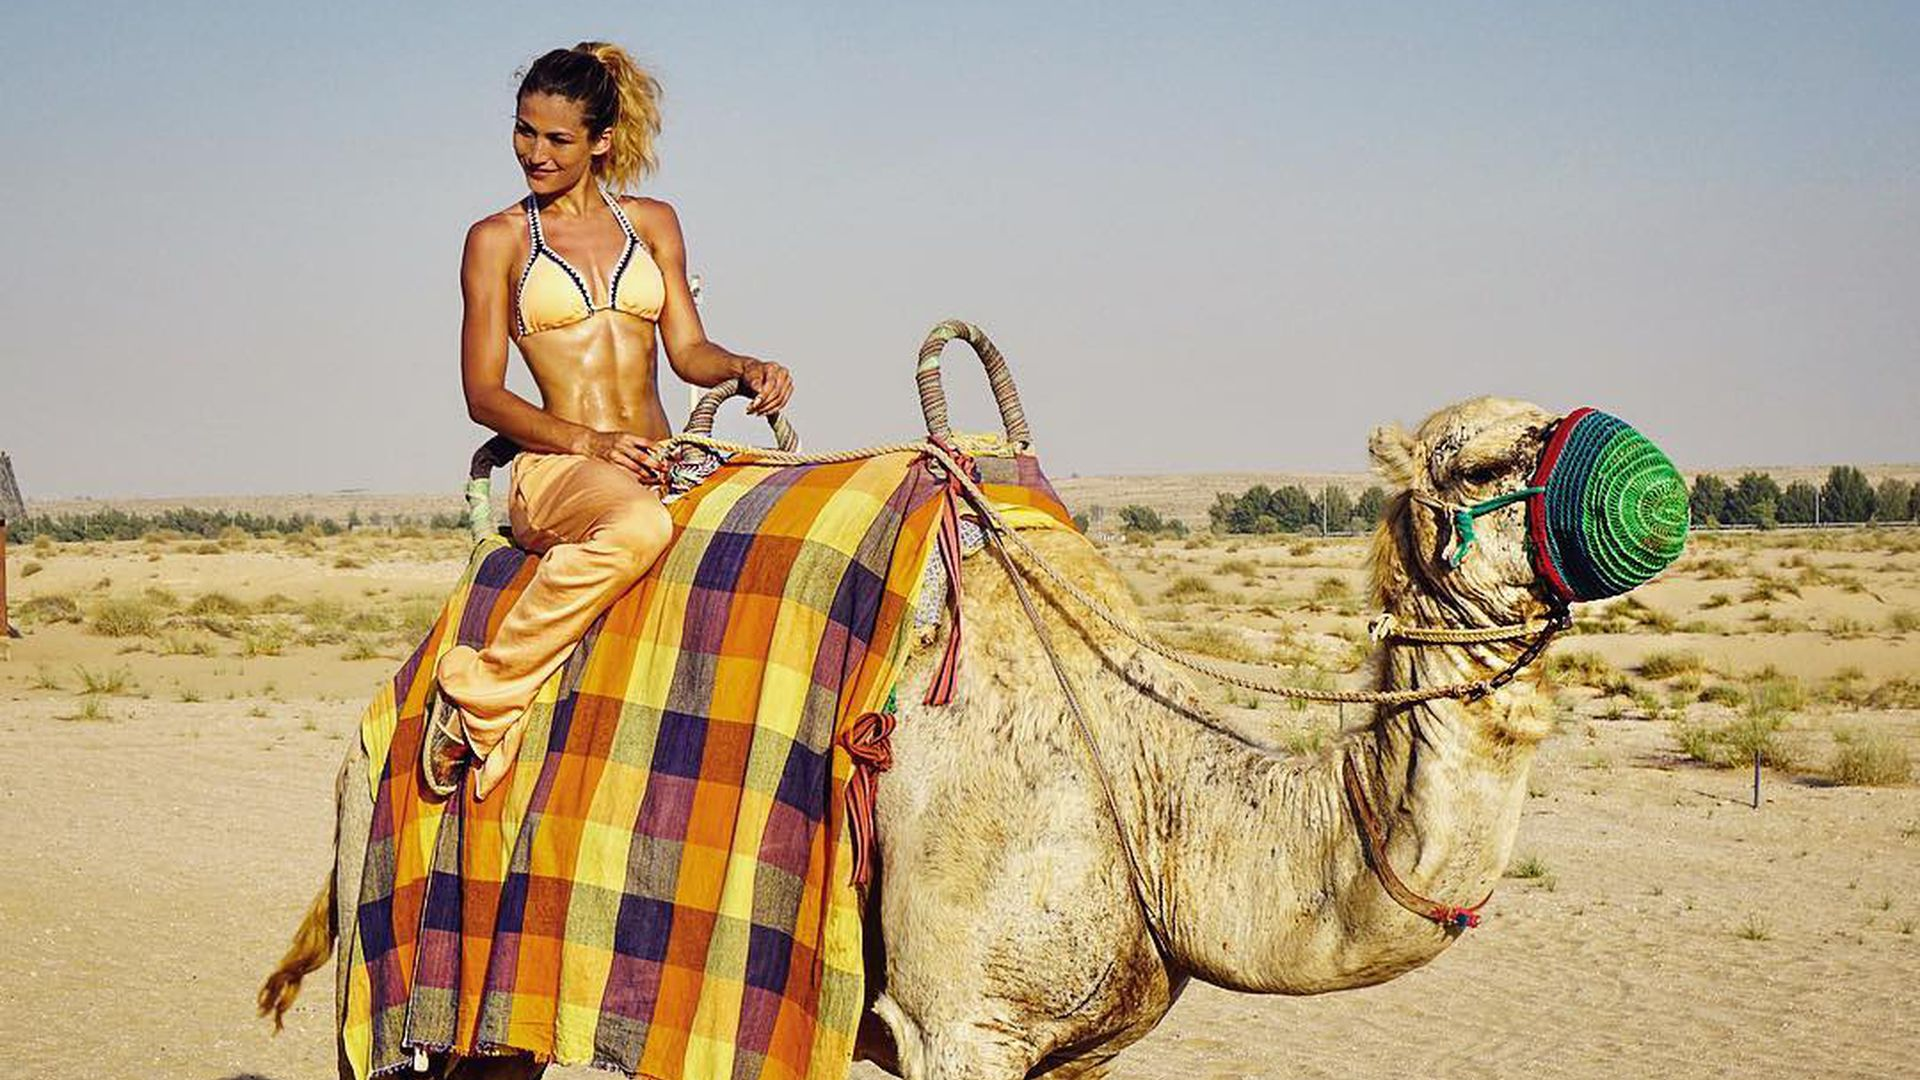 Warum-wanderte-Fiona-Erdmann-ausgerechnet-nach-Dubai-aus-